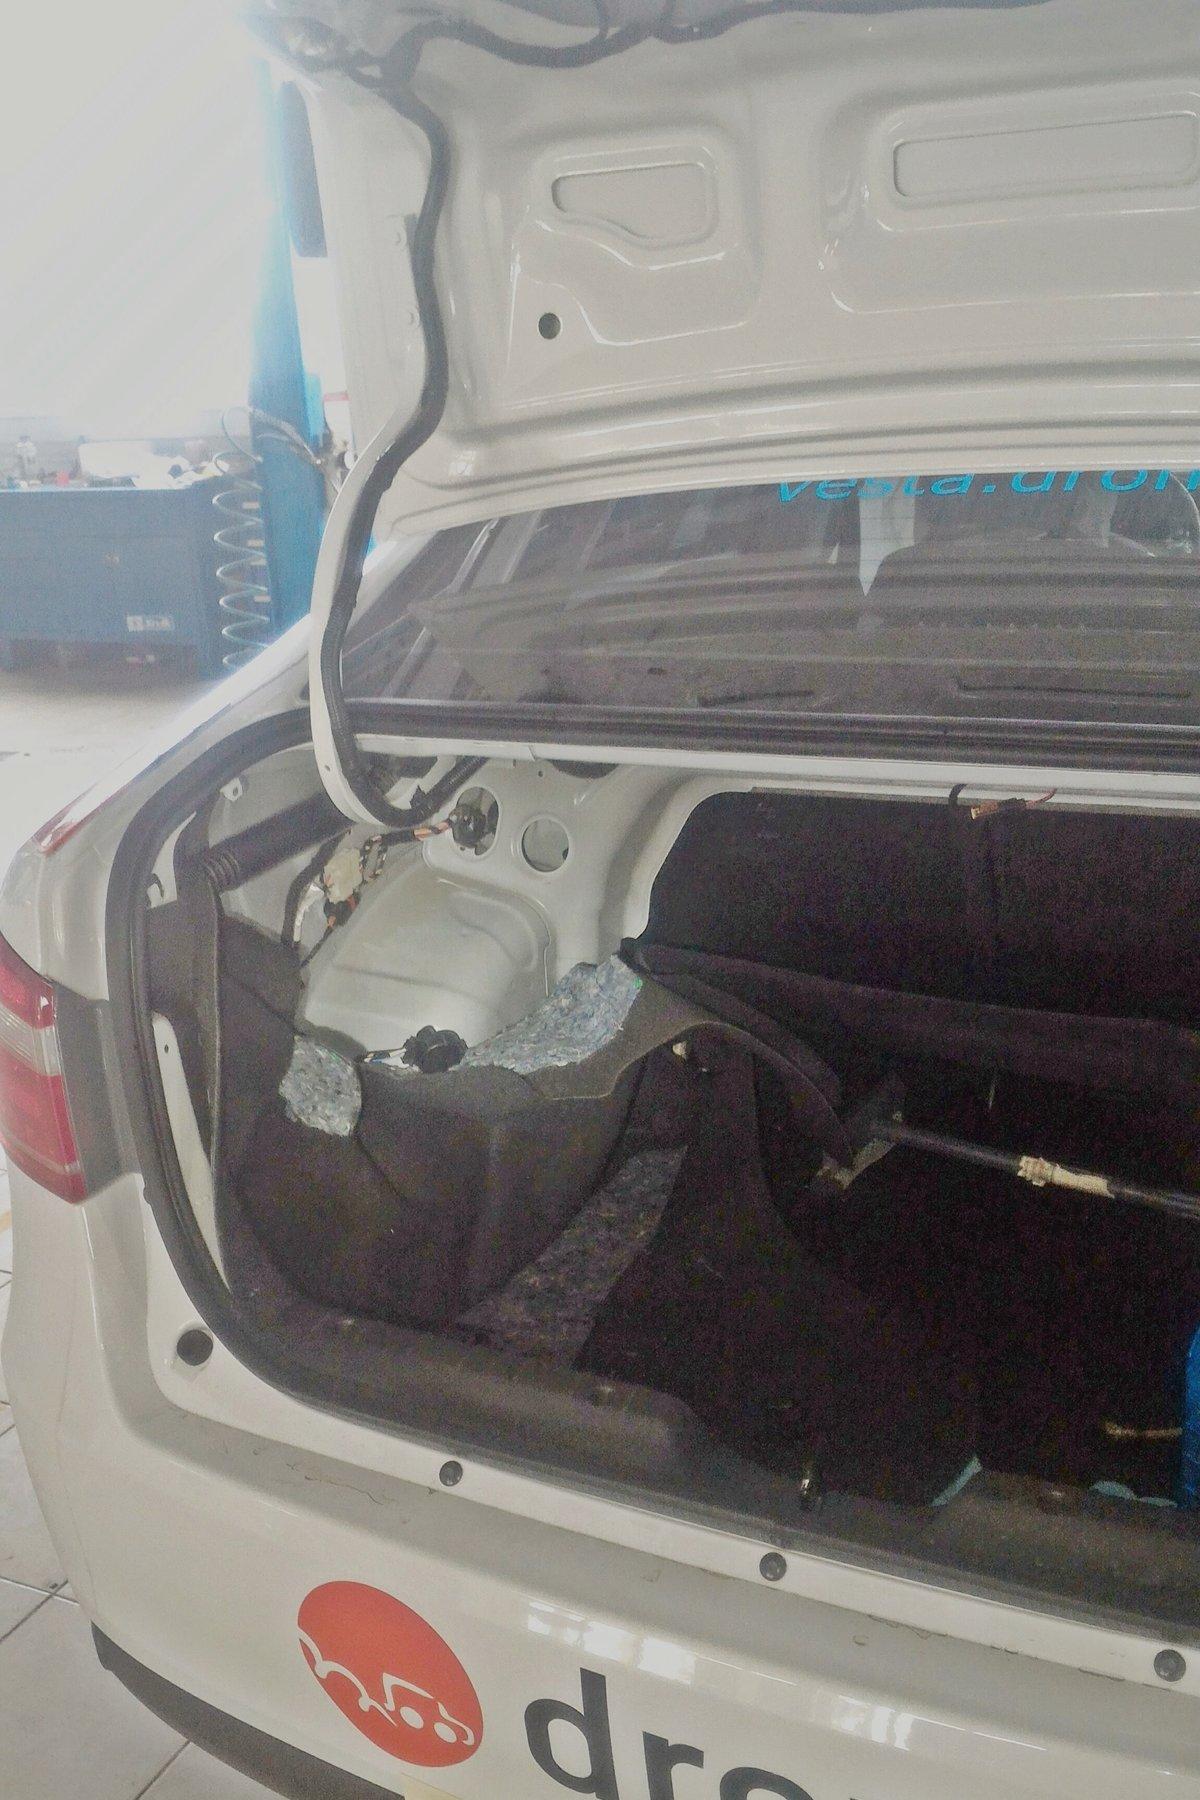 nissan pulsar 1996 ga15 бензин инструкция по эксплуатации автомобилей